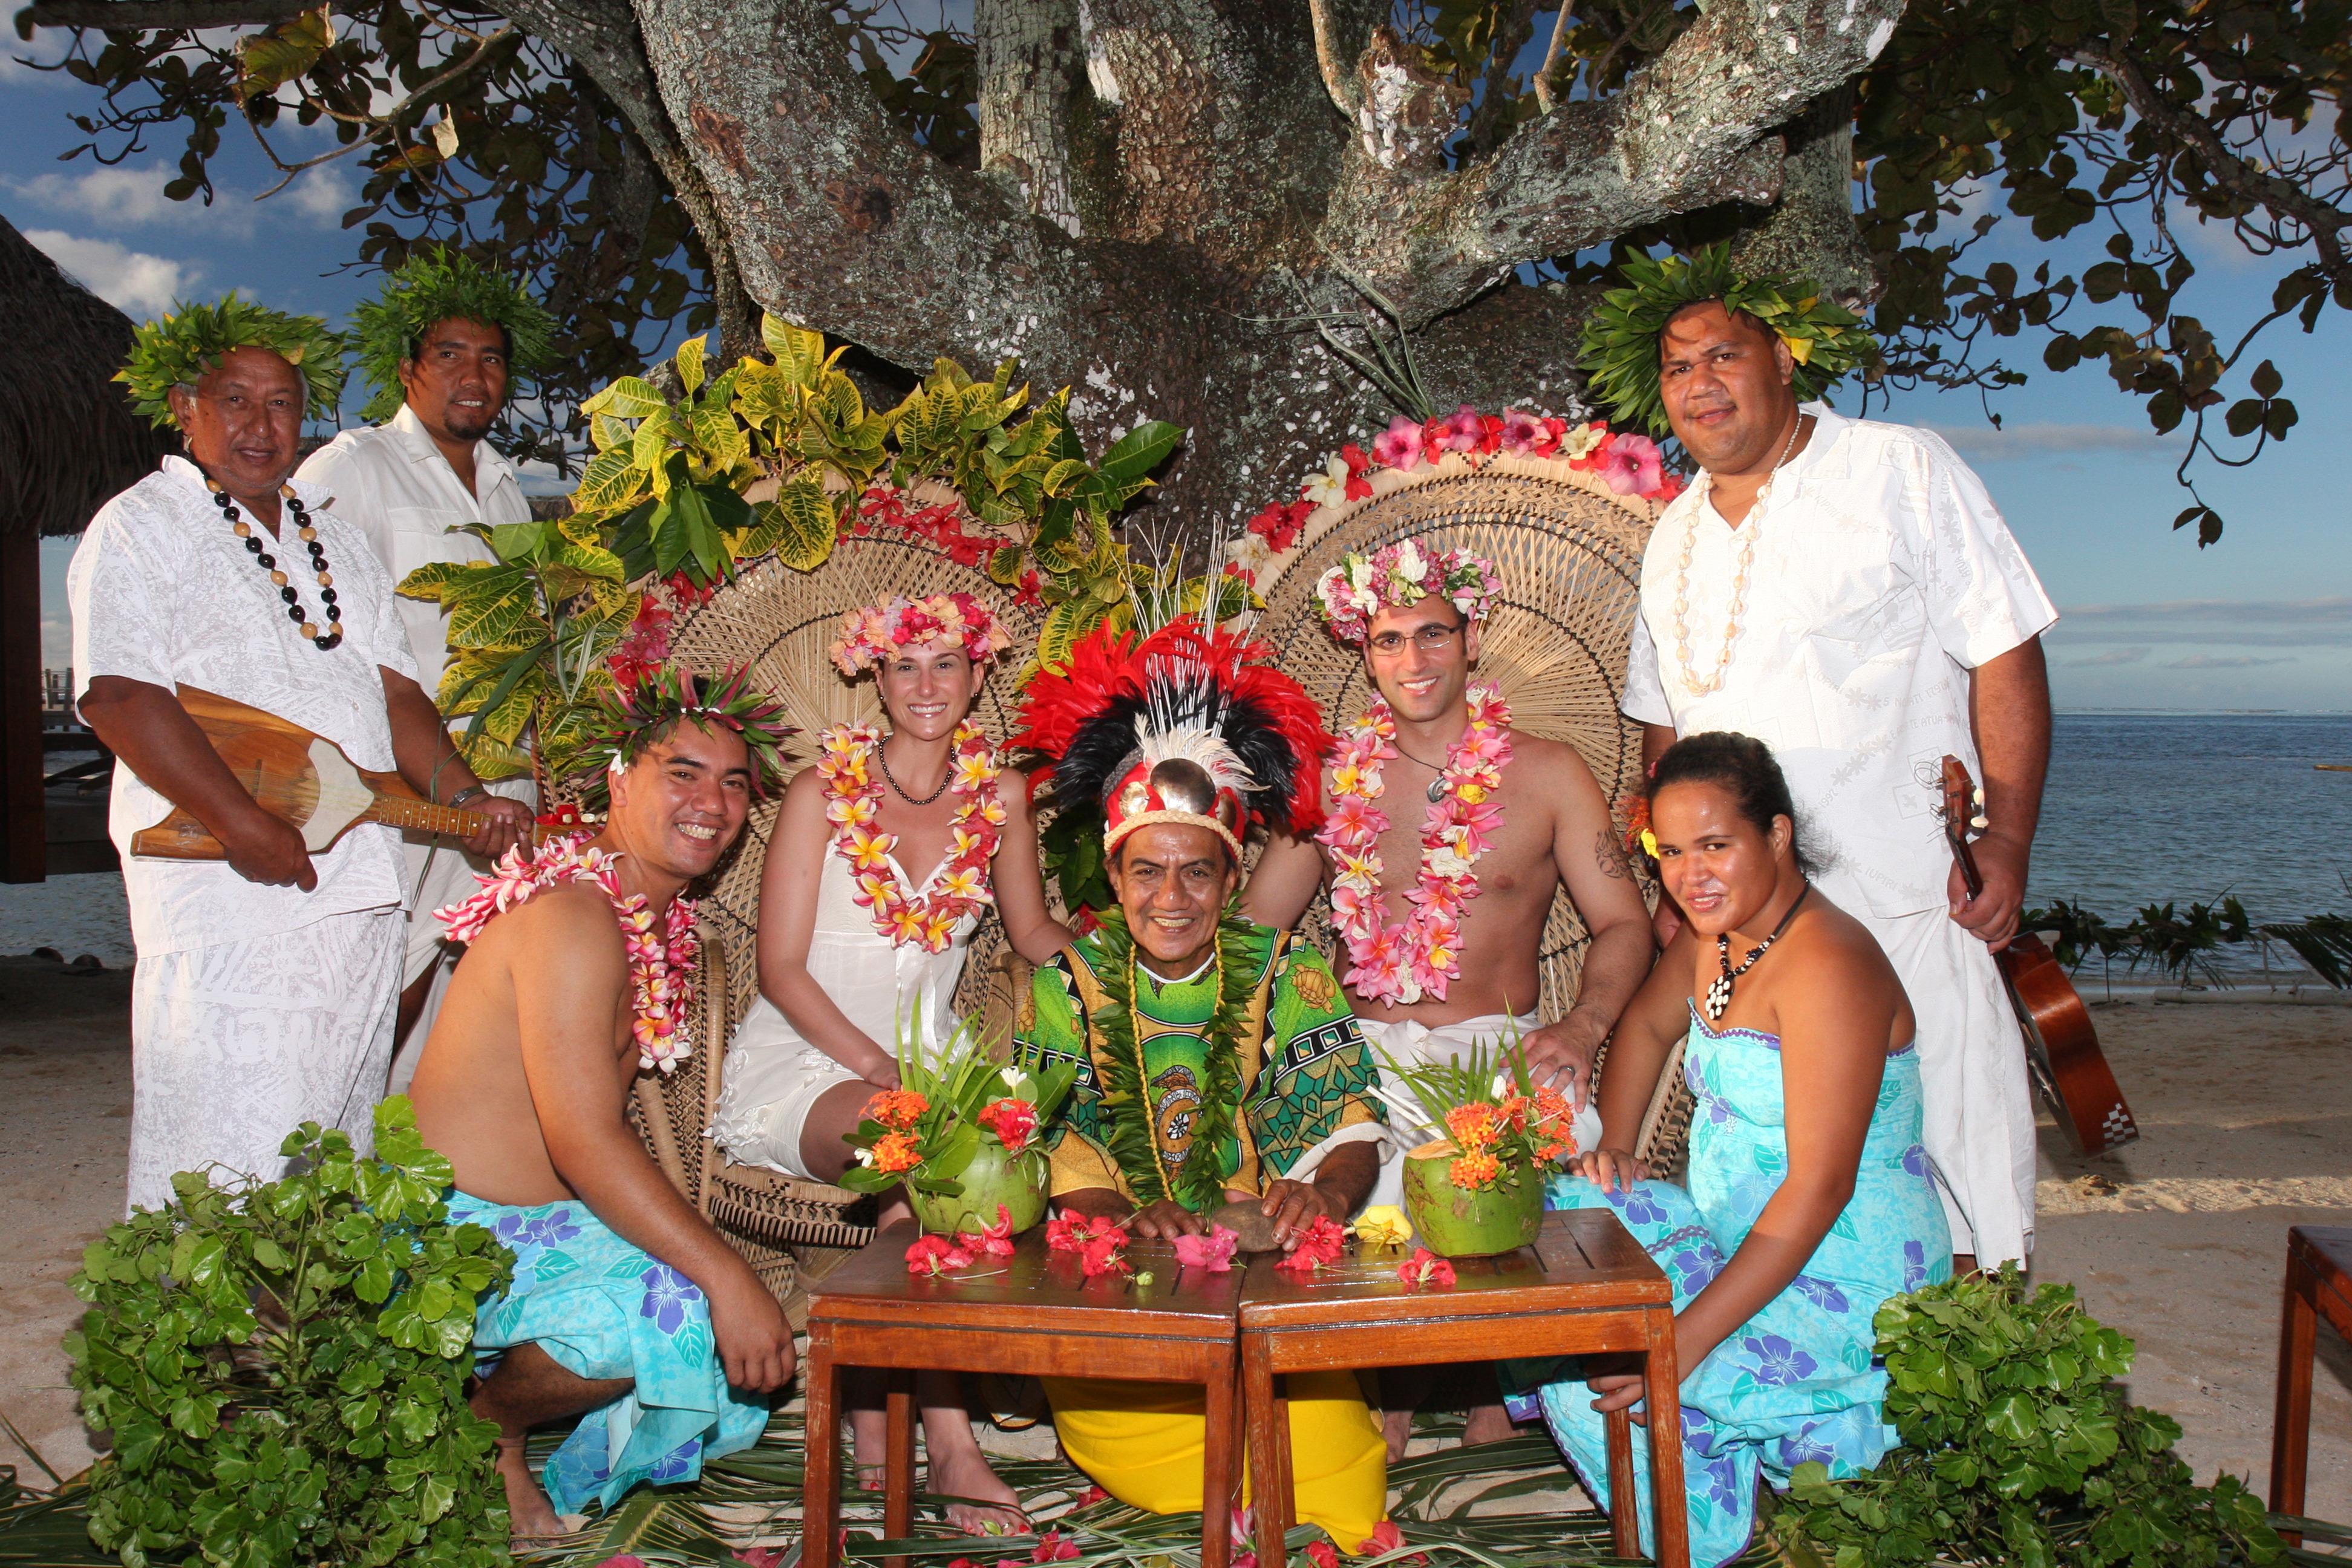 эротическая свадьба в экзотических странах фото пороге